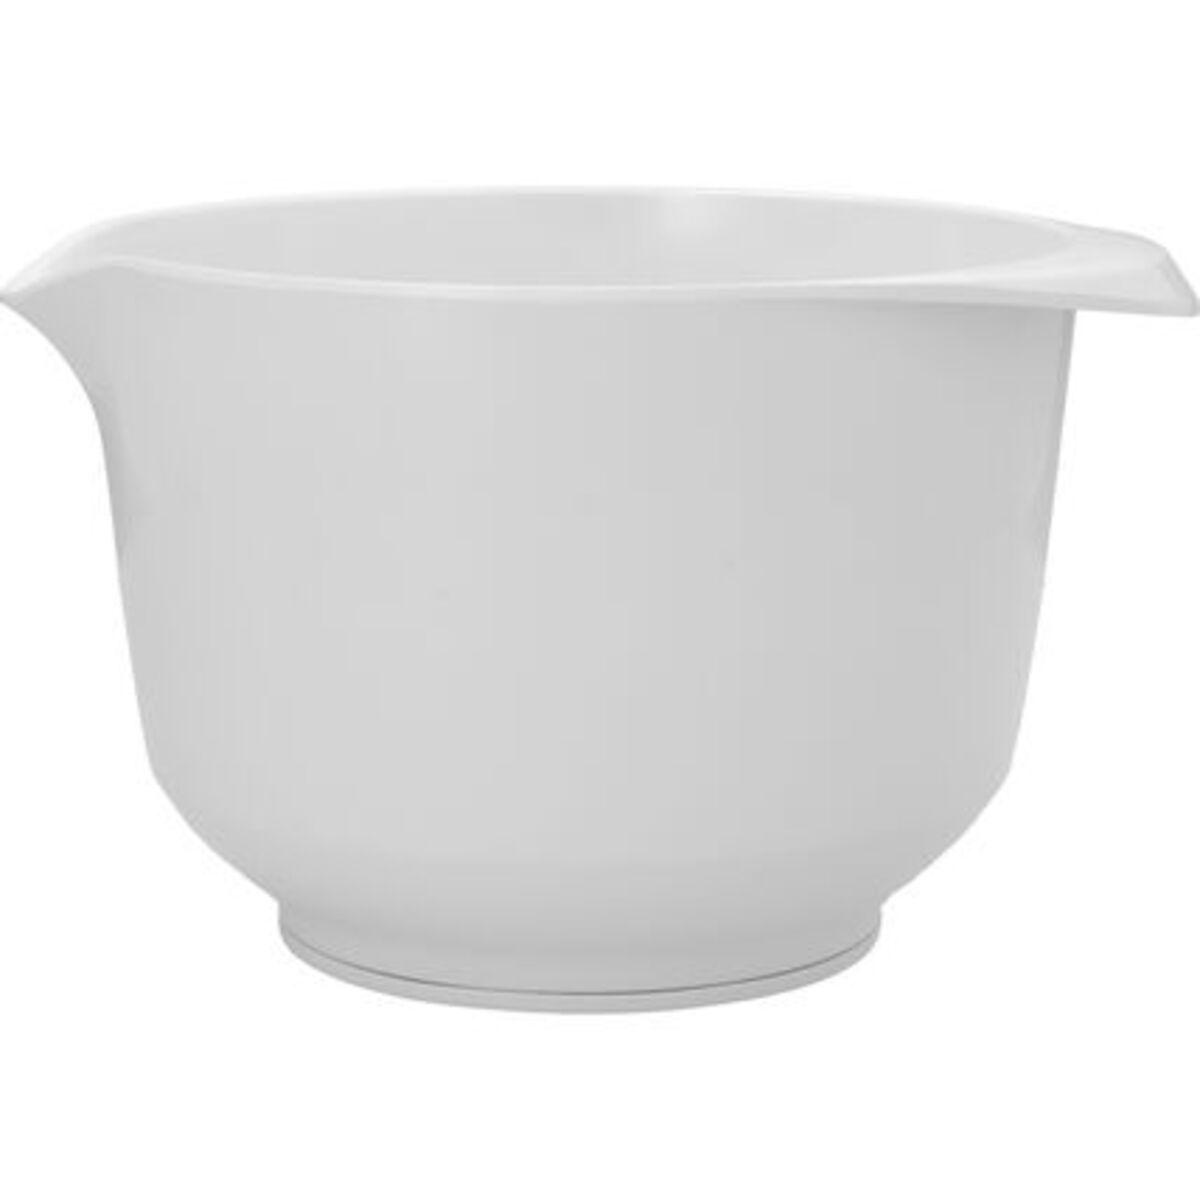 """Bild 1 von Birkmann Rührschüssel """"Colour Bowls"""", 2 l, weiß"""